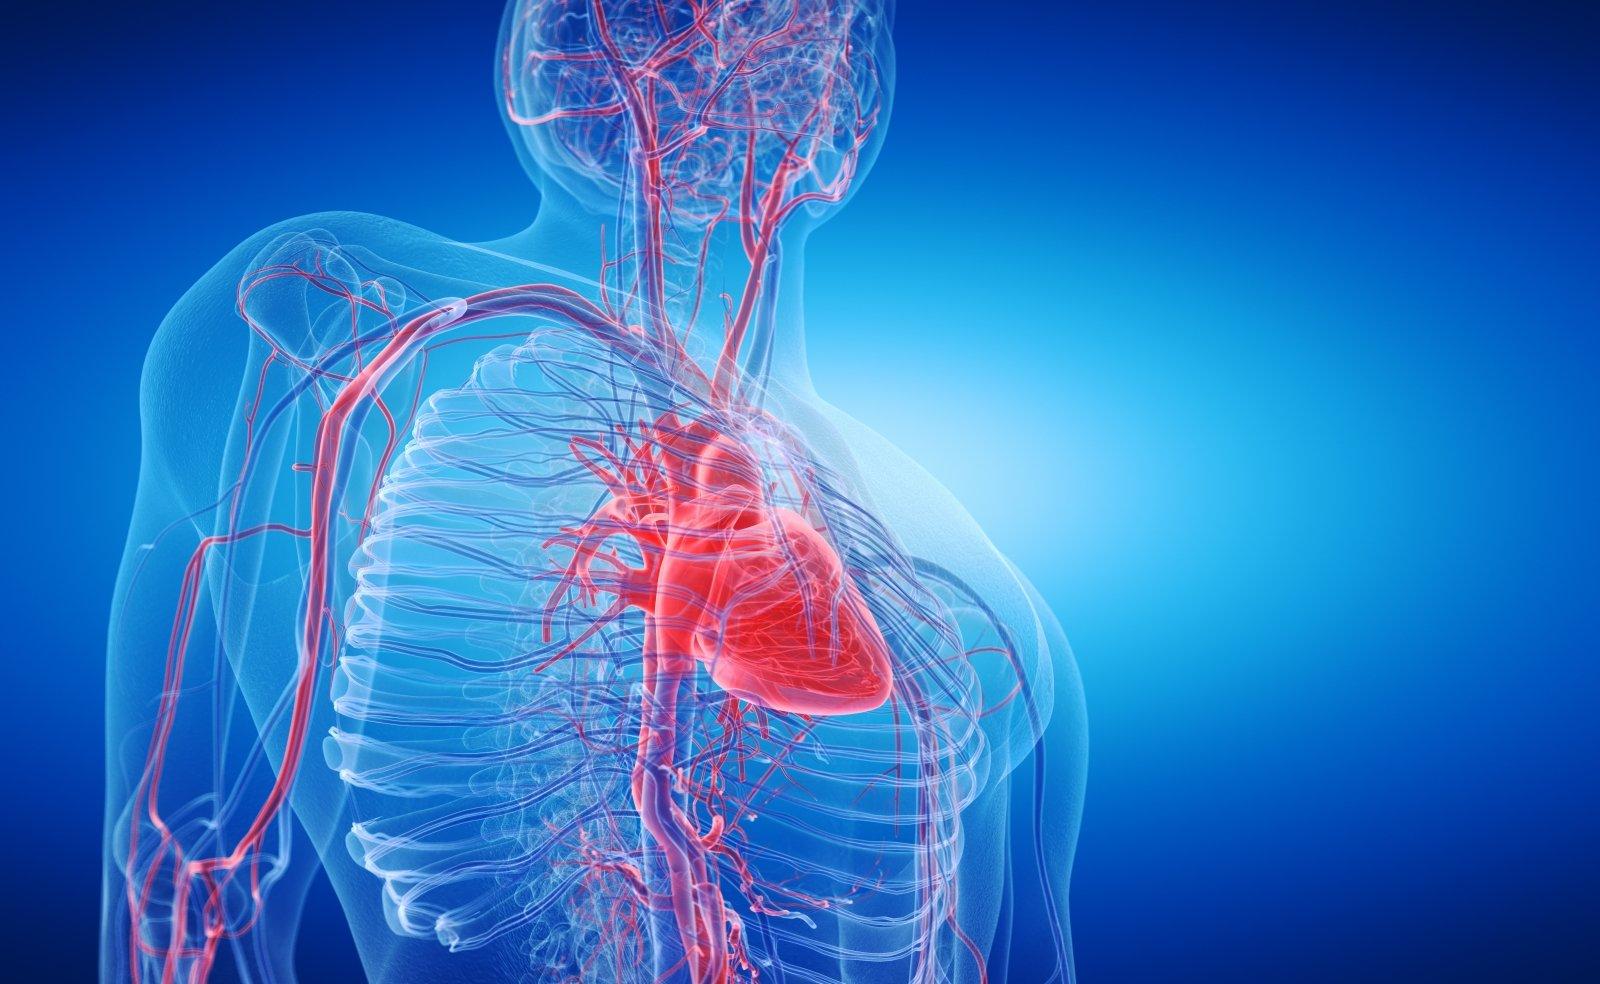 Širdies ligų galima išvengti: kontroliuokite mitybą